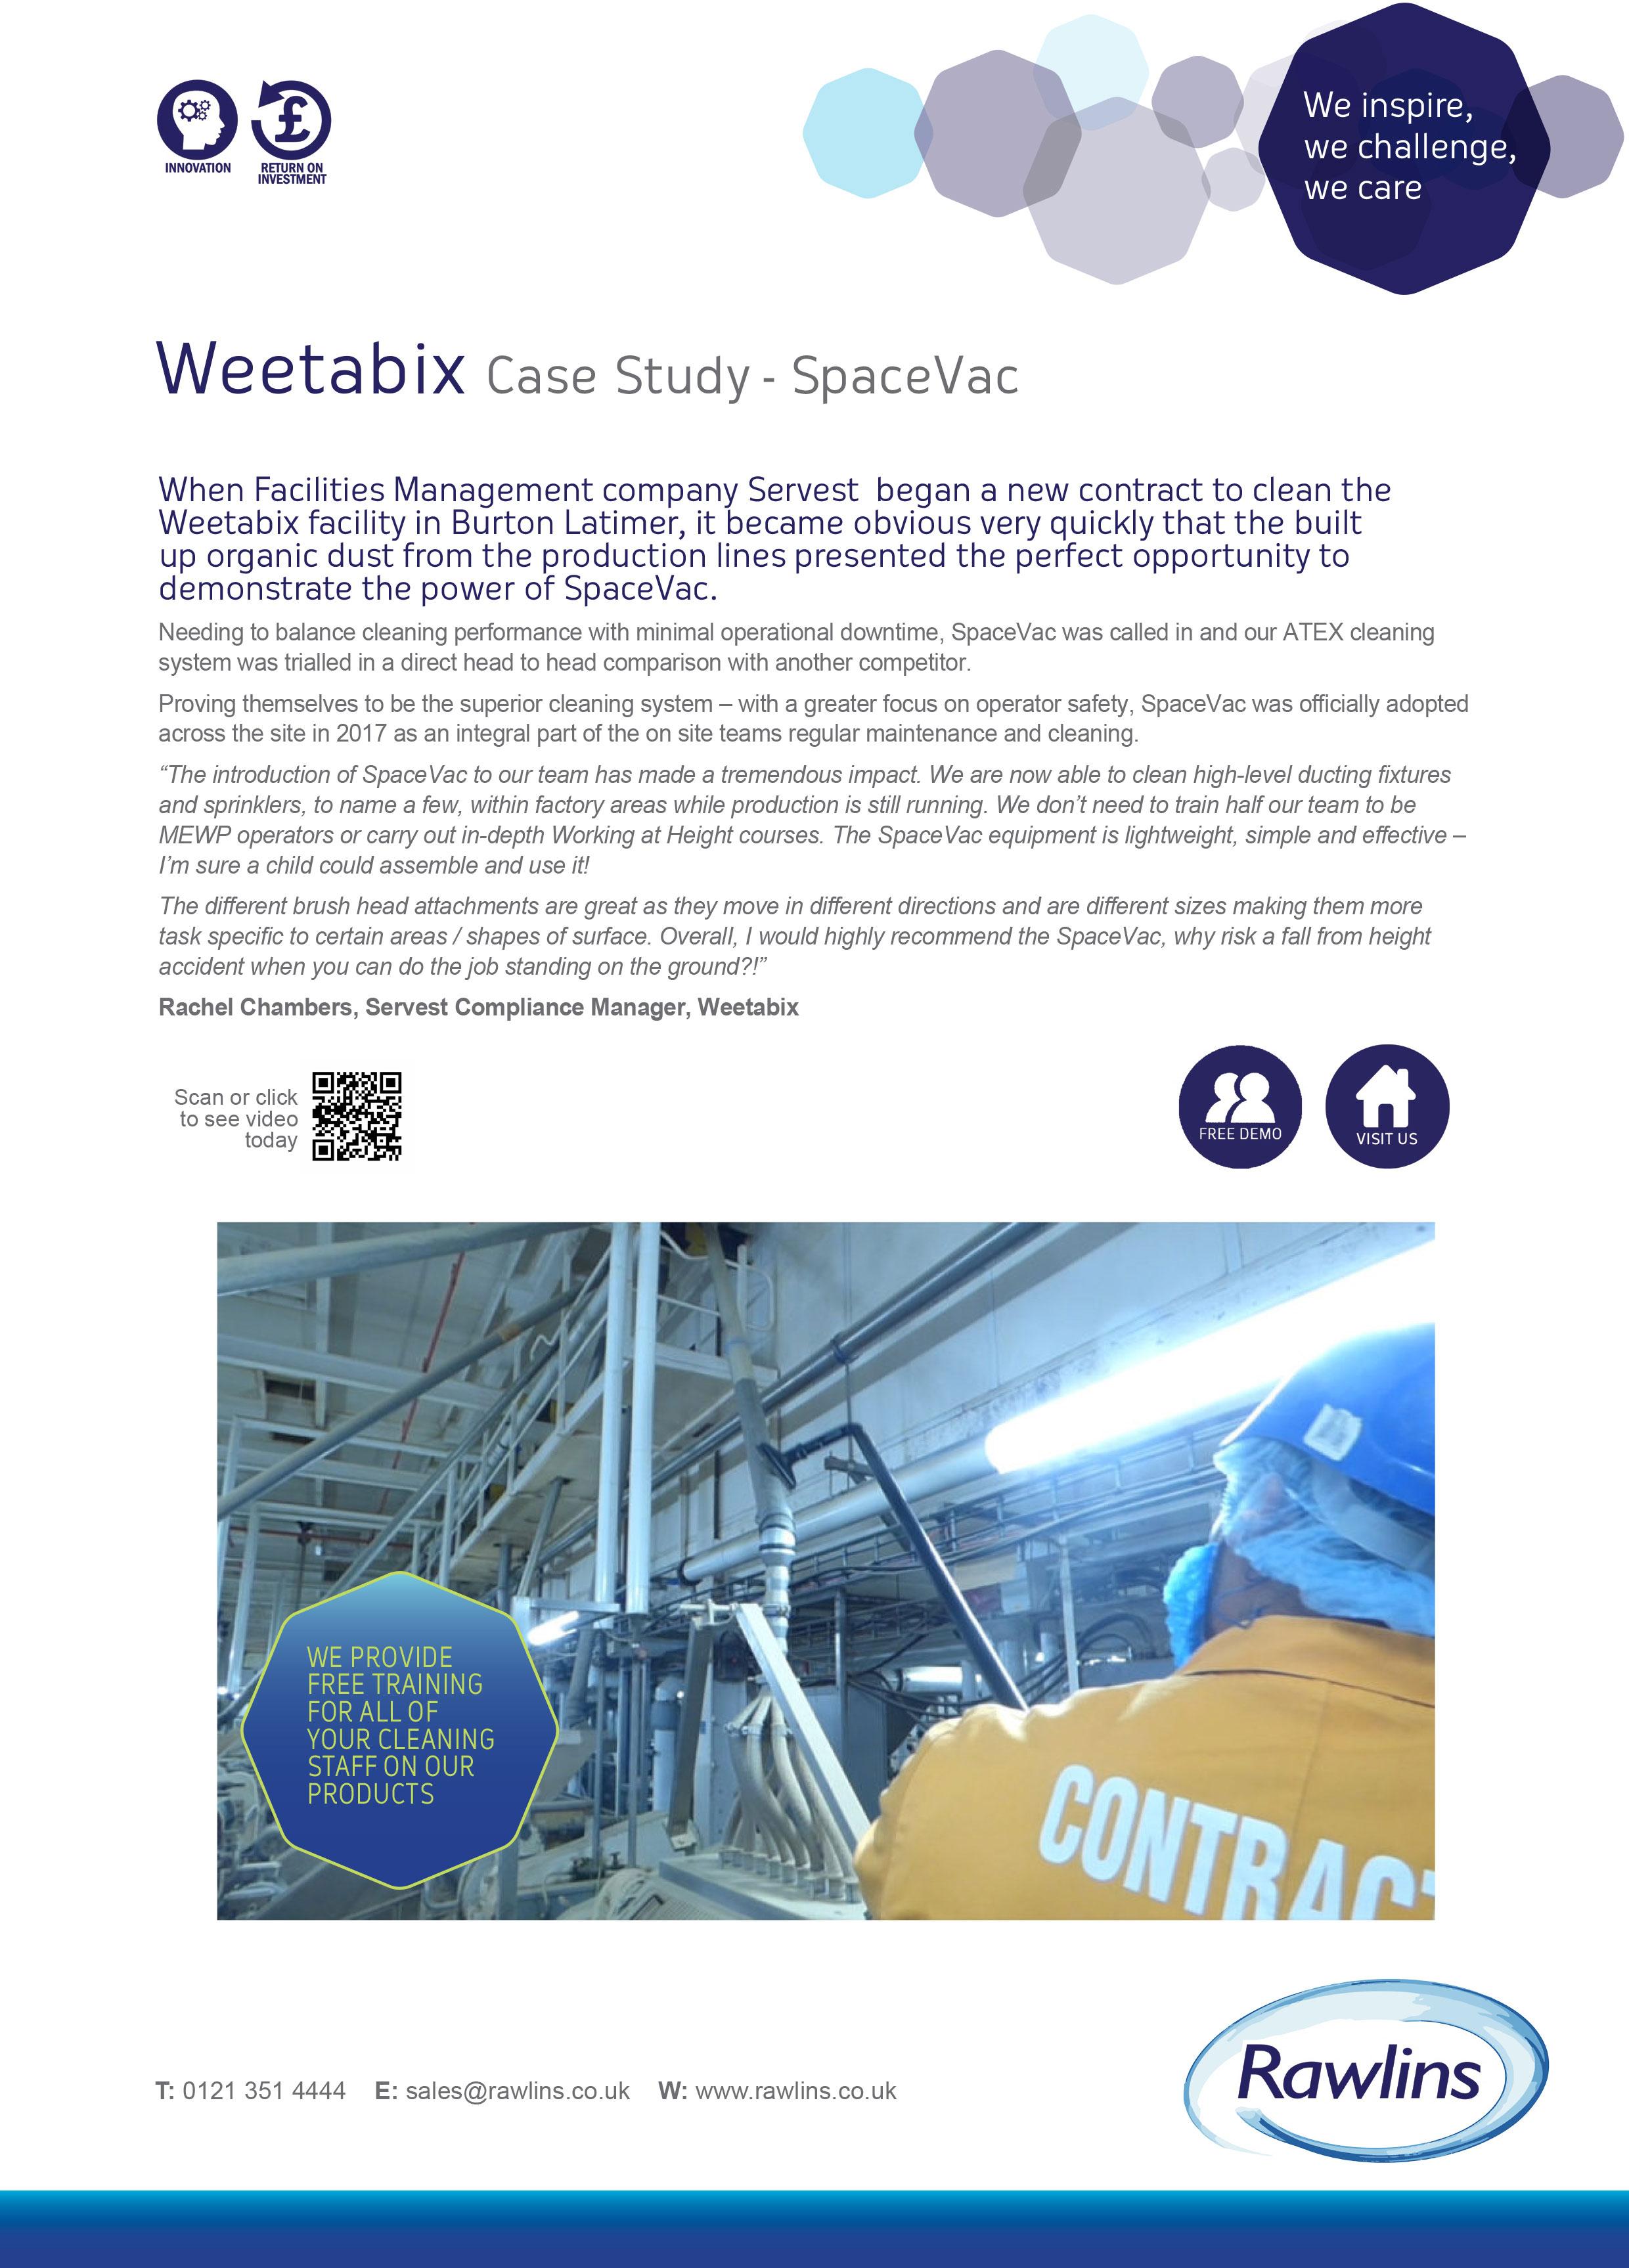 Case Study - Weetabix